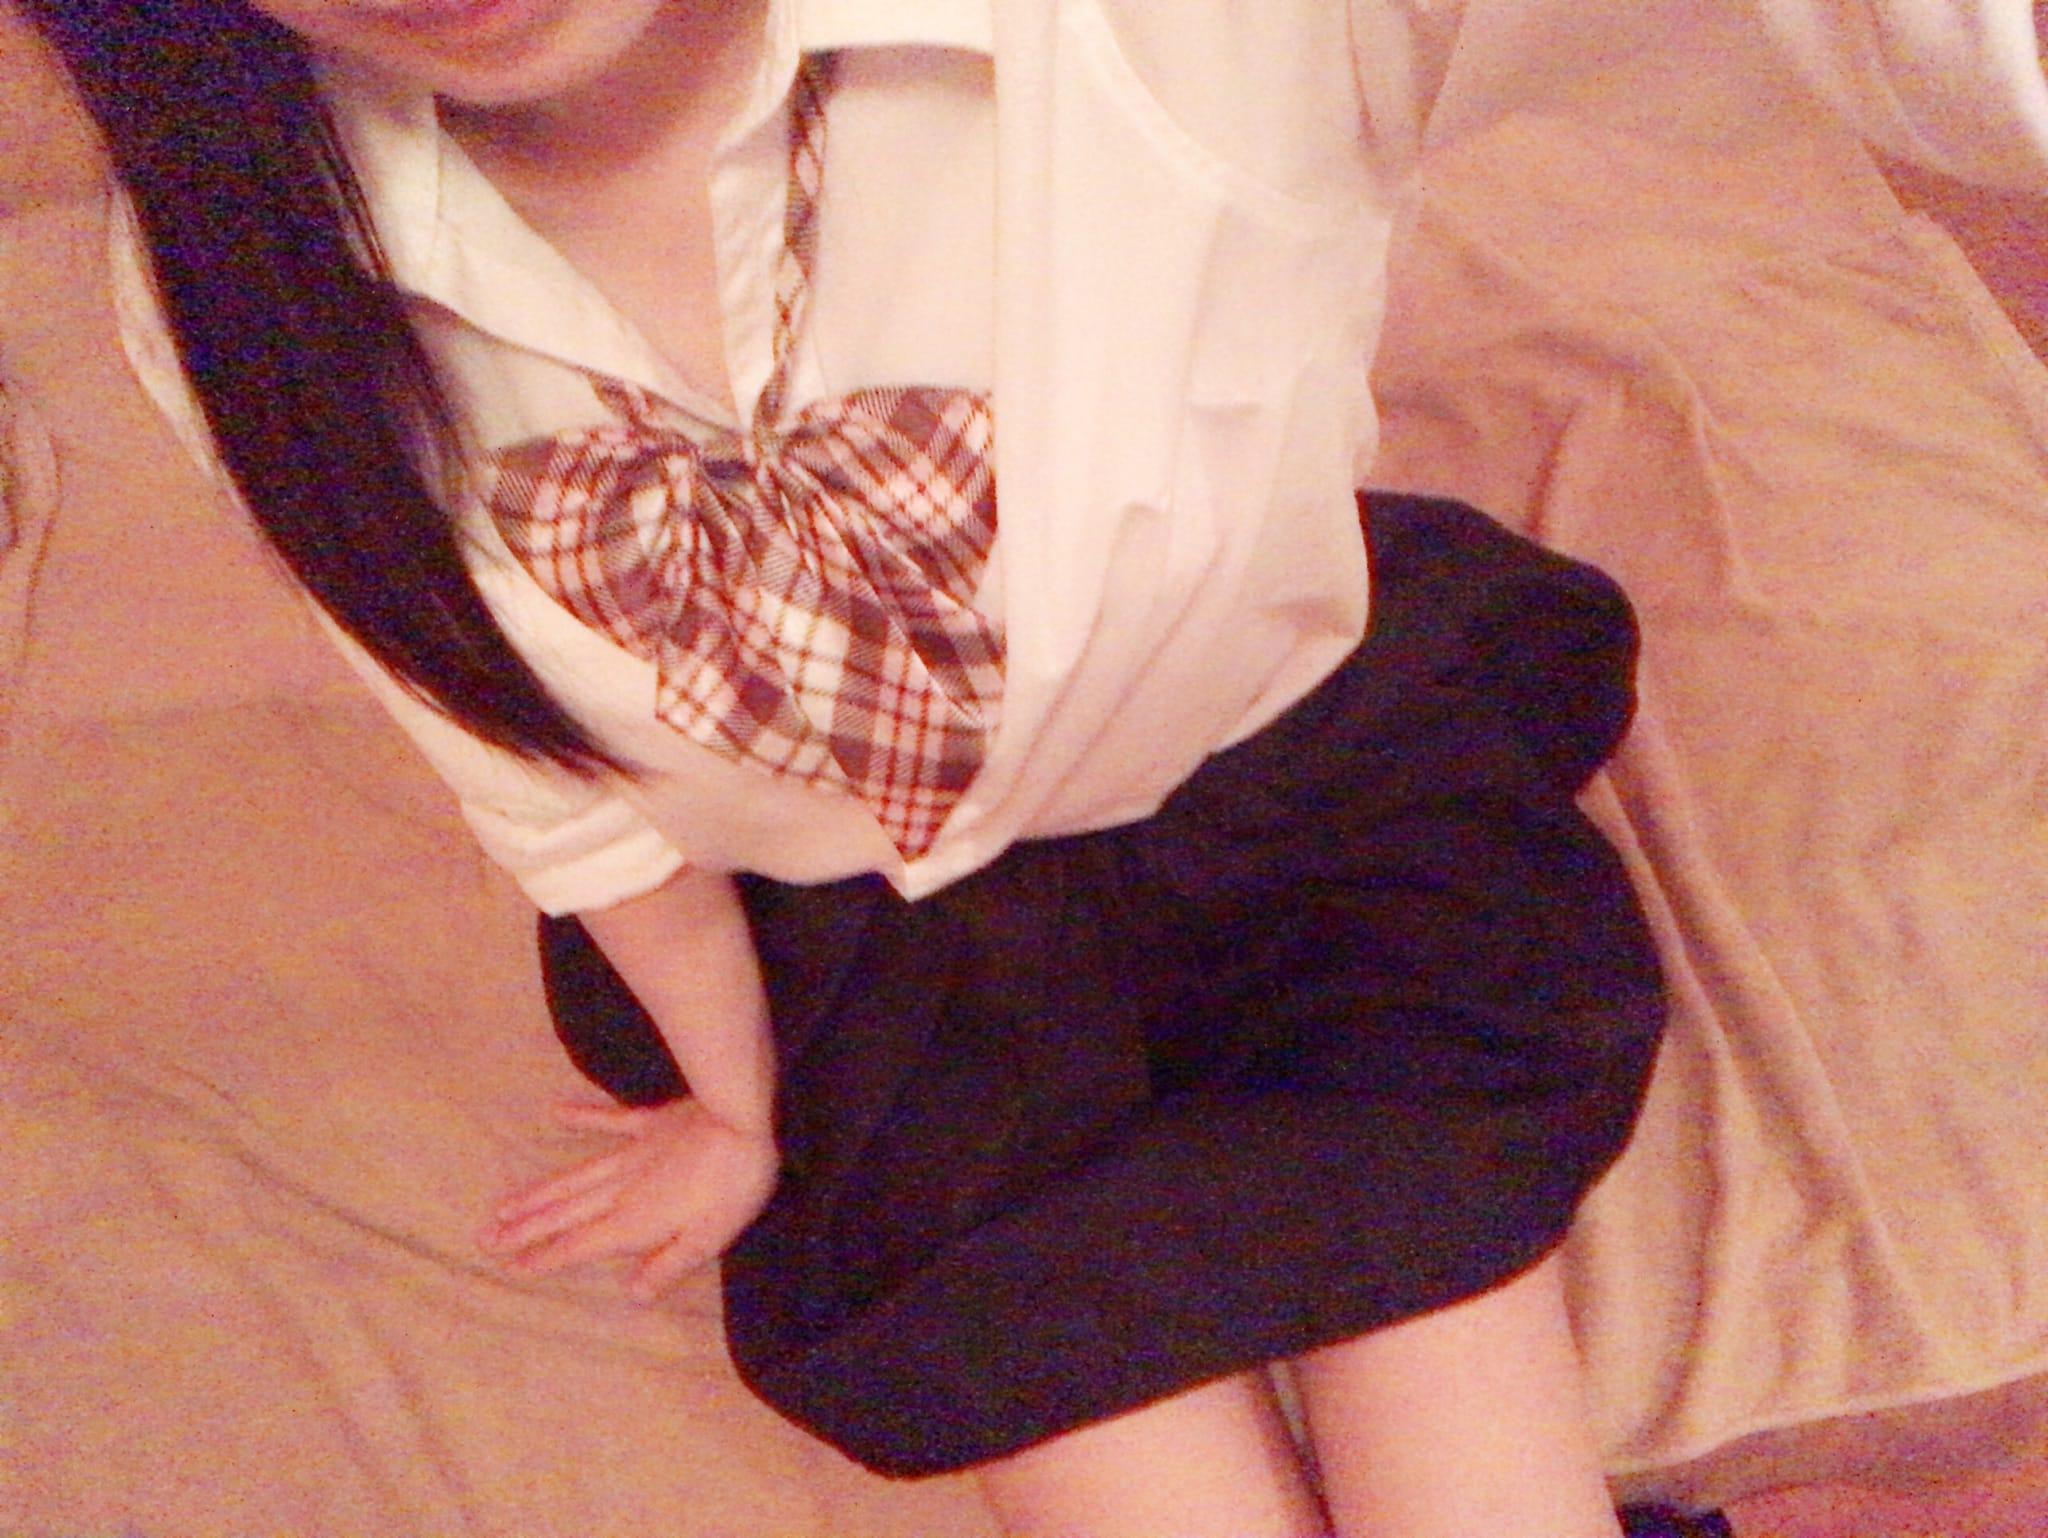 「水曜日♡」02/21(水) 23:33   ルミカの写メ・風俗動画